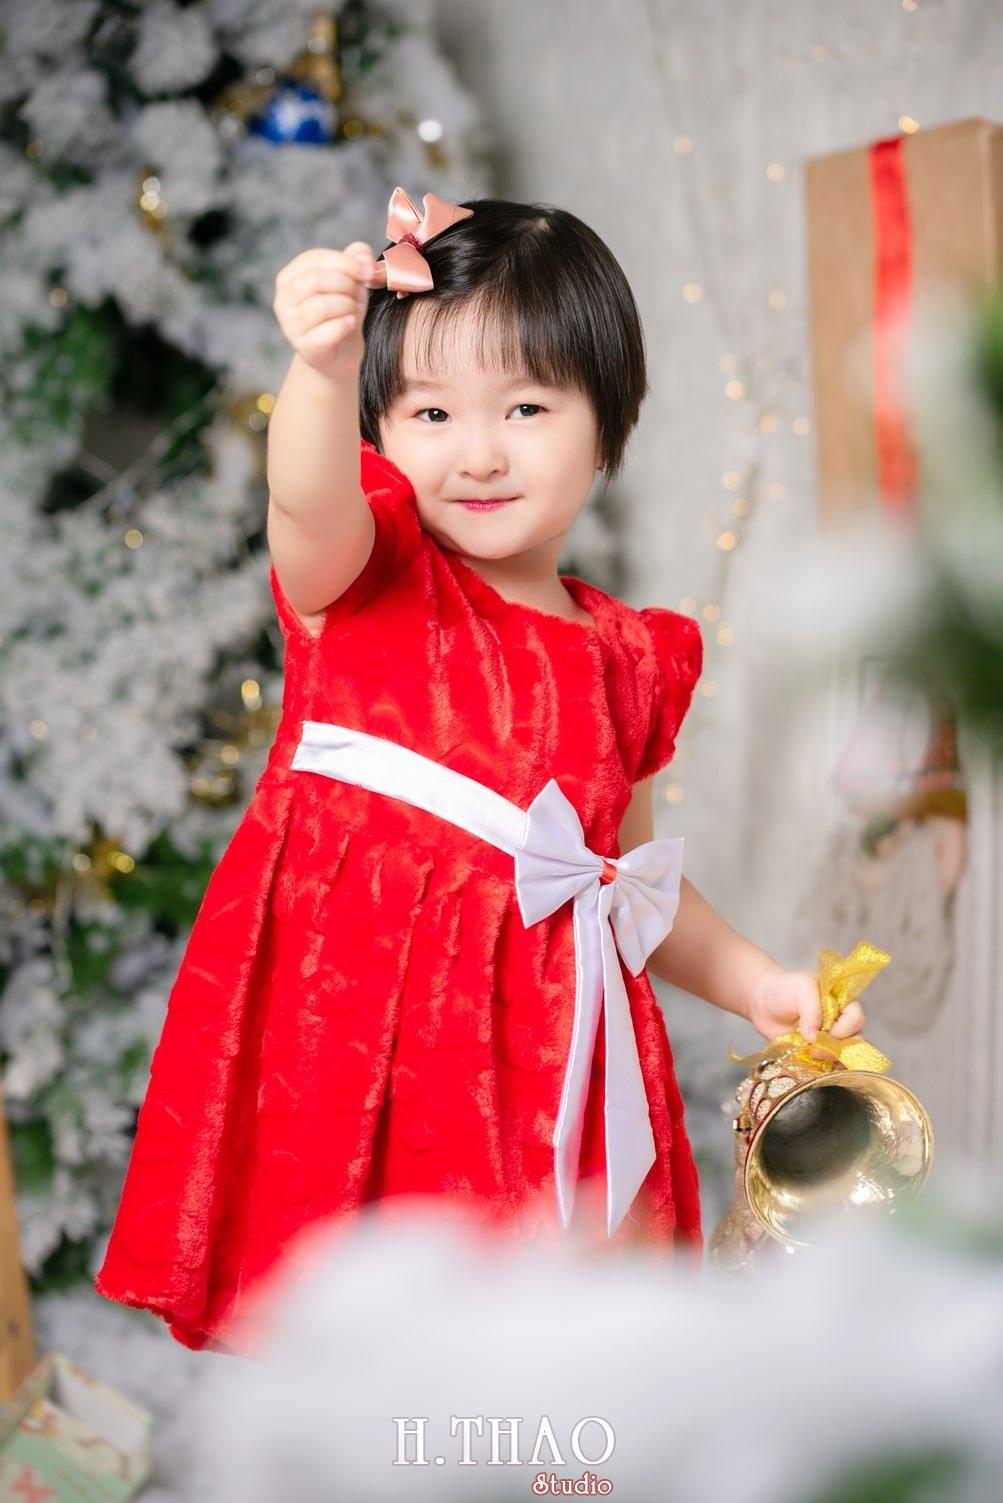 Anh be noel 4 - Album ảnh noel chụp cho con gái cưng chị Linh - HThao Studio